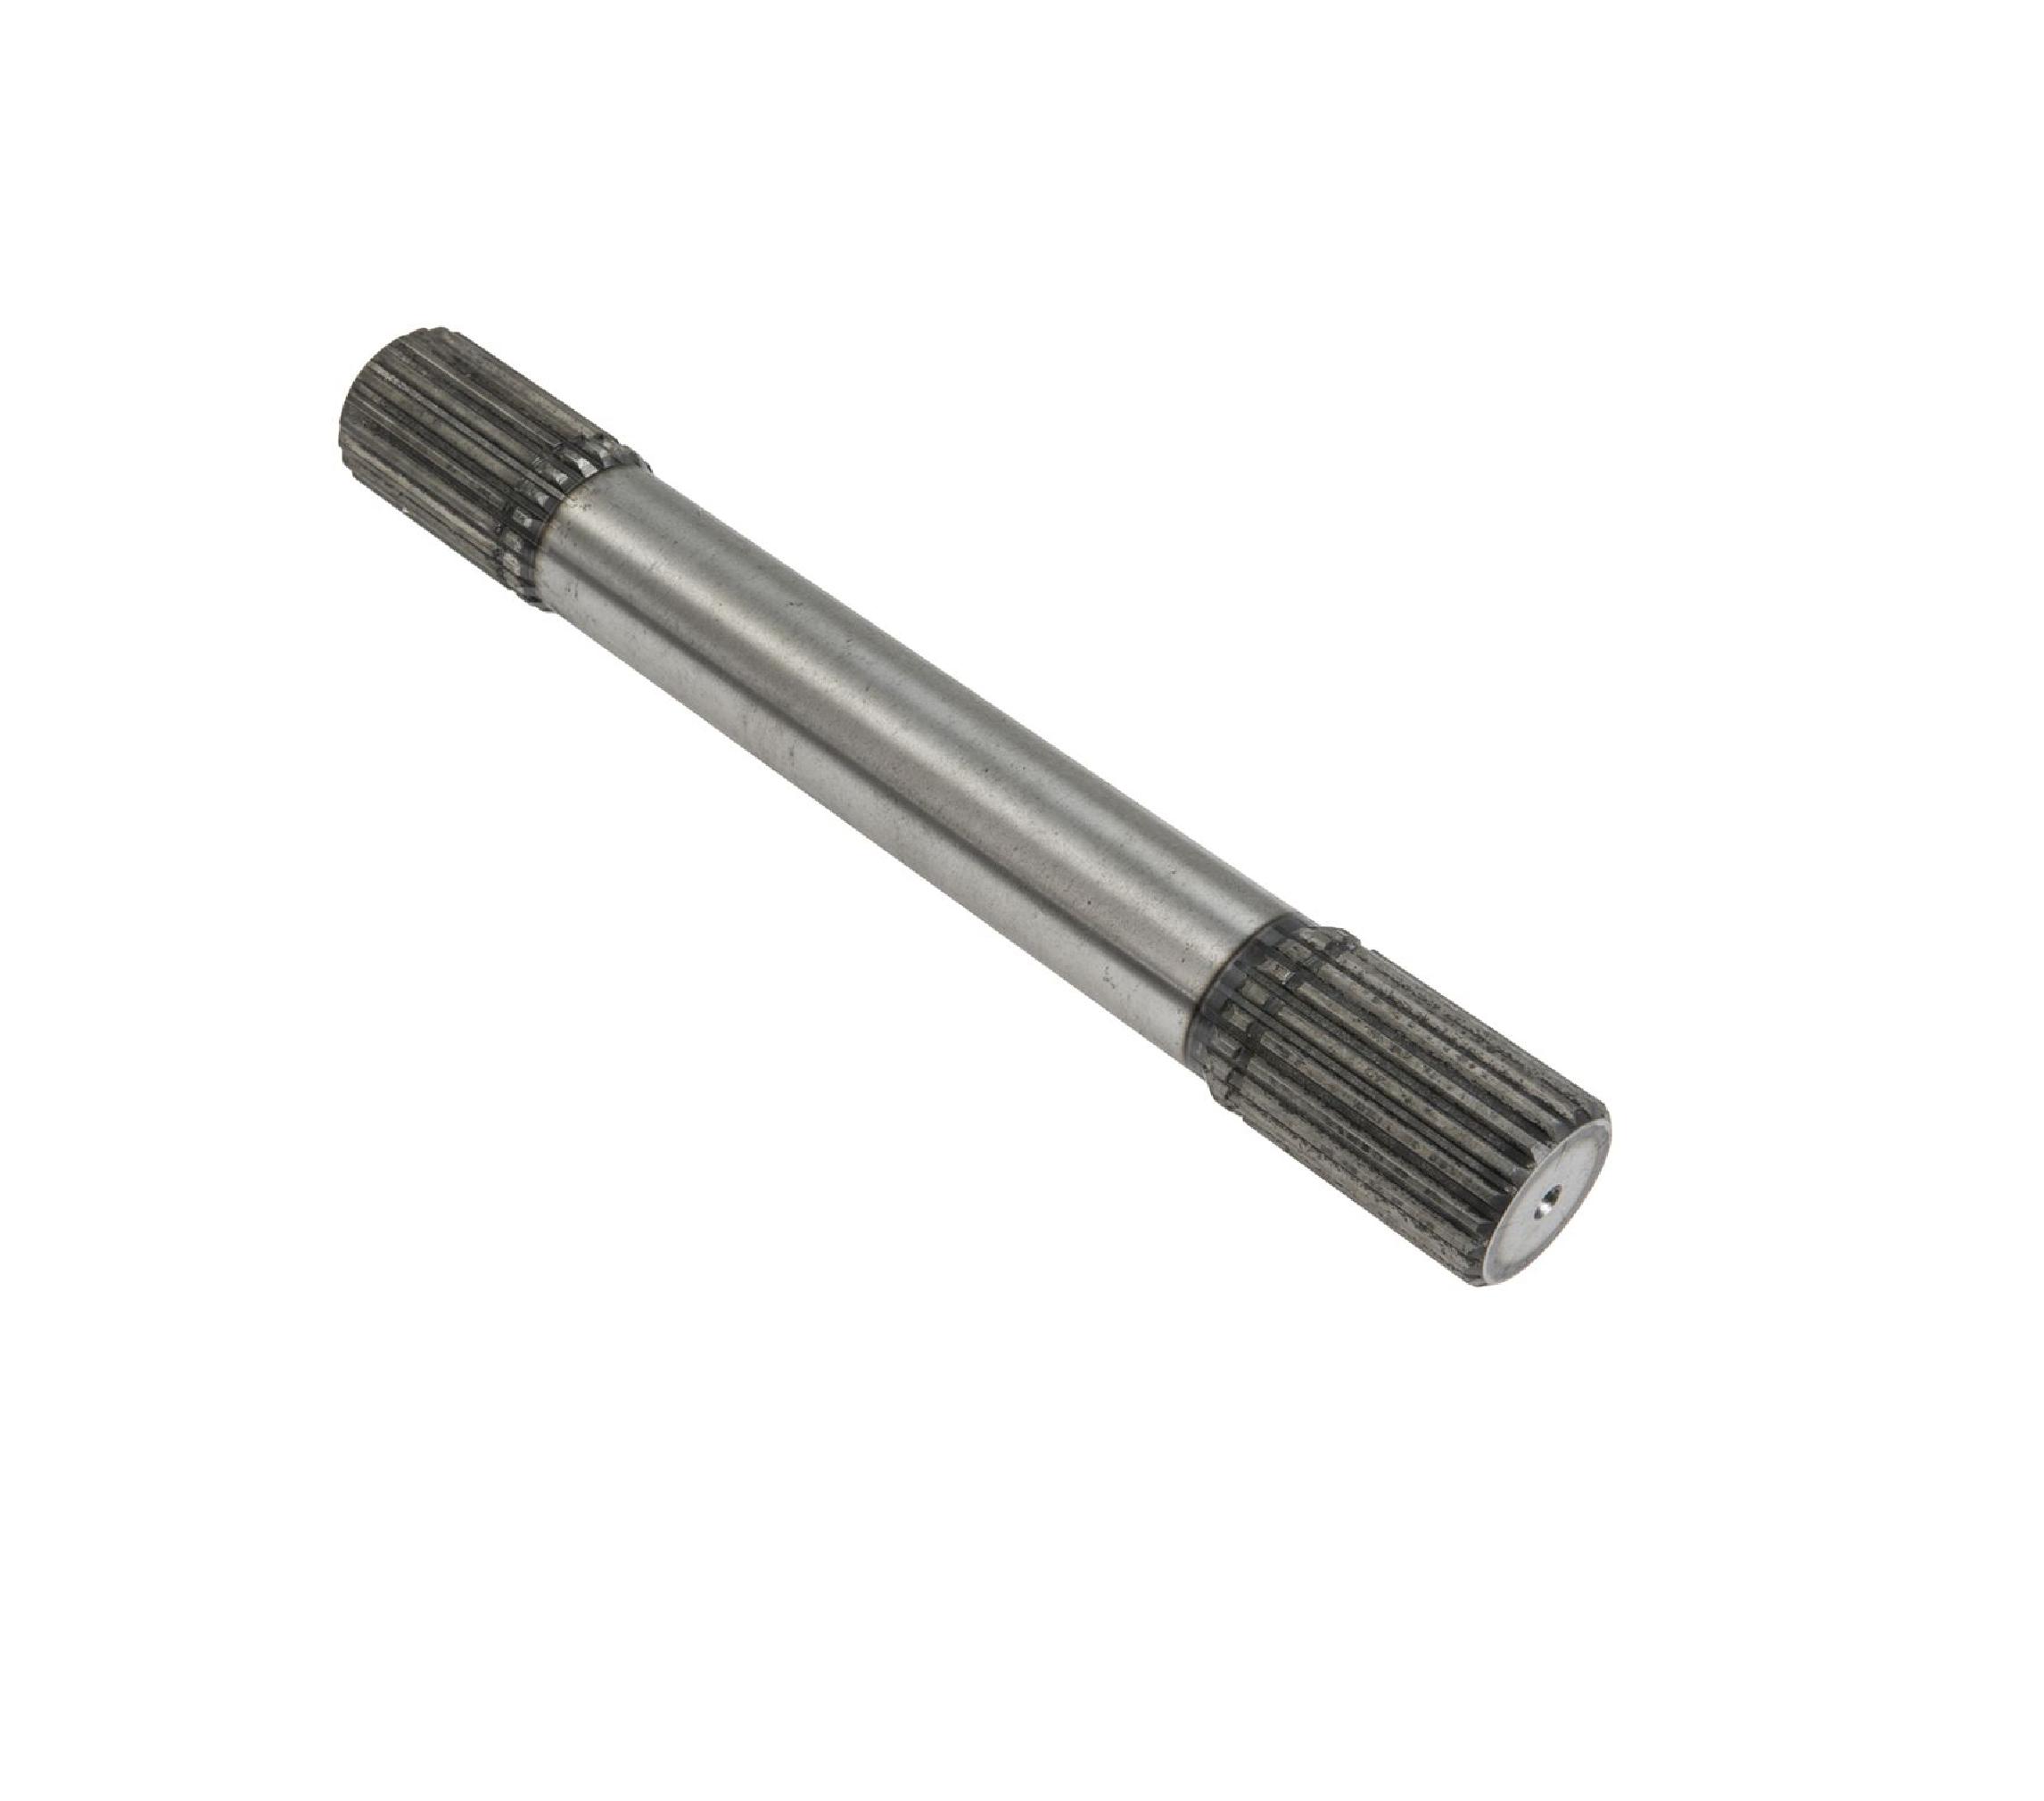 WAŁEK POŚREDNI KEMPER L45mm LCA75178